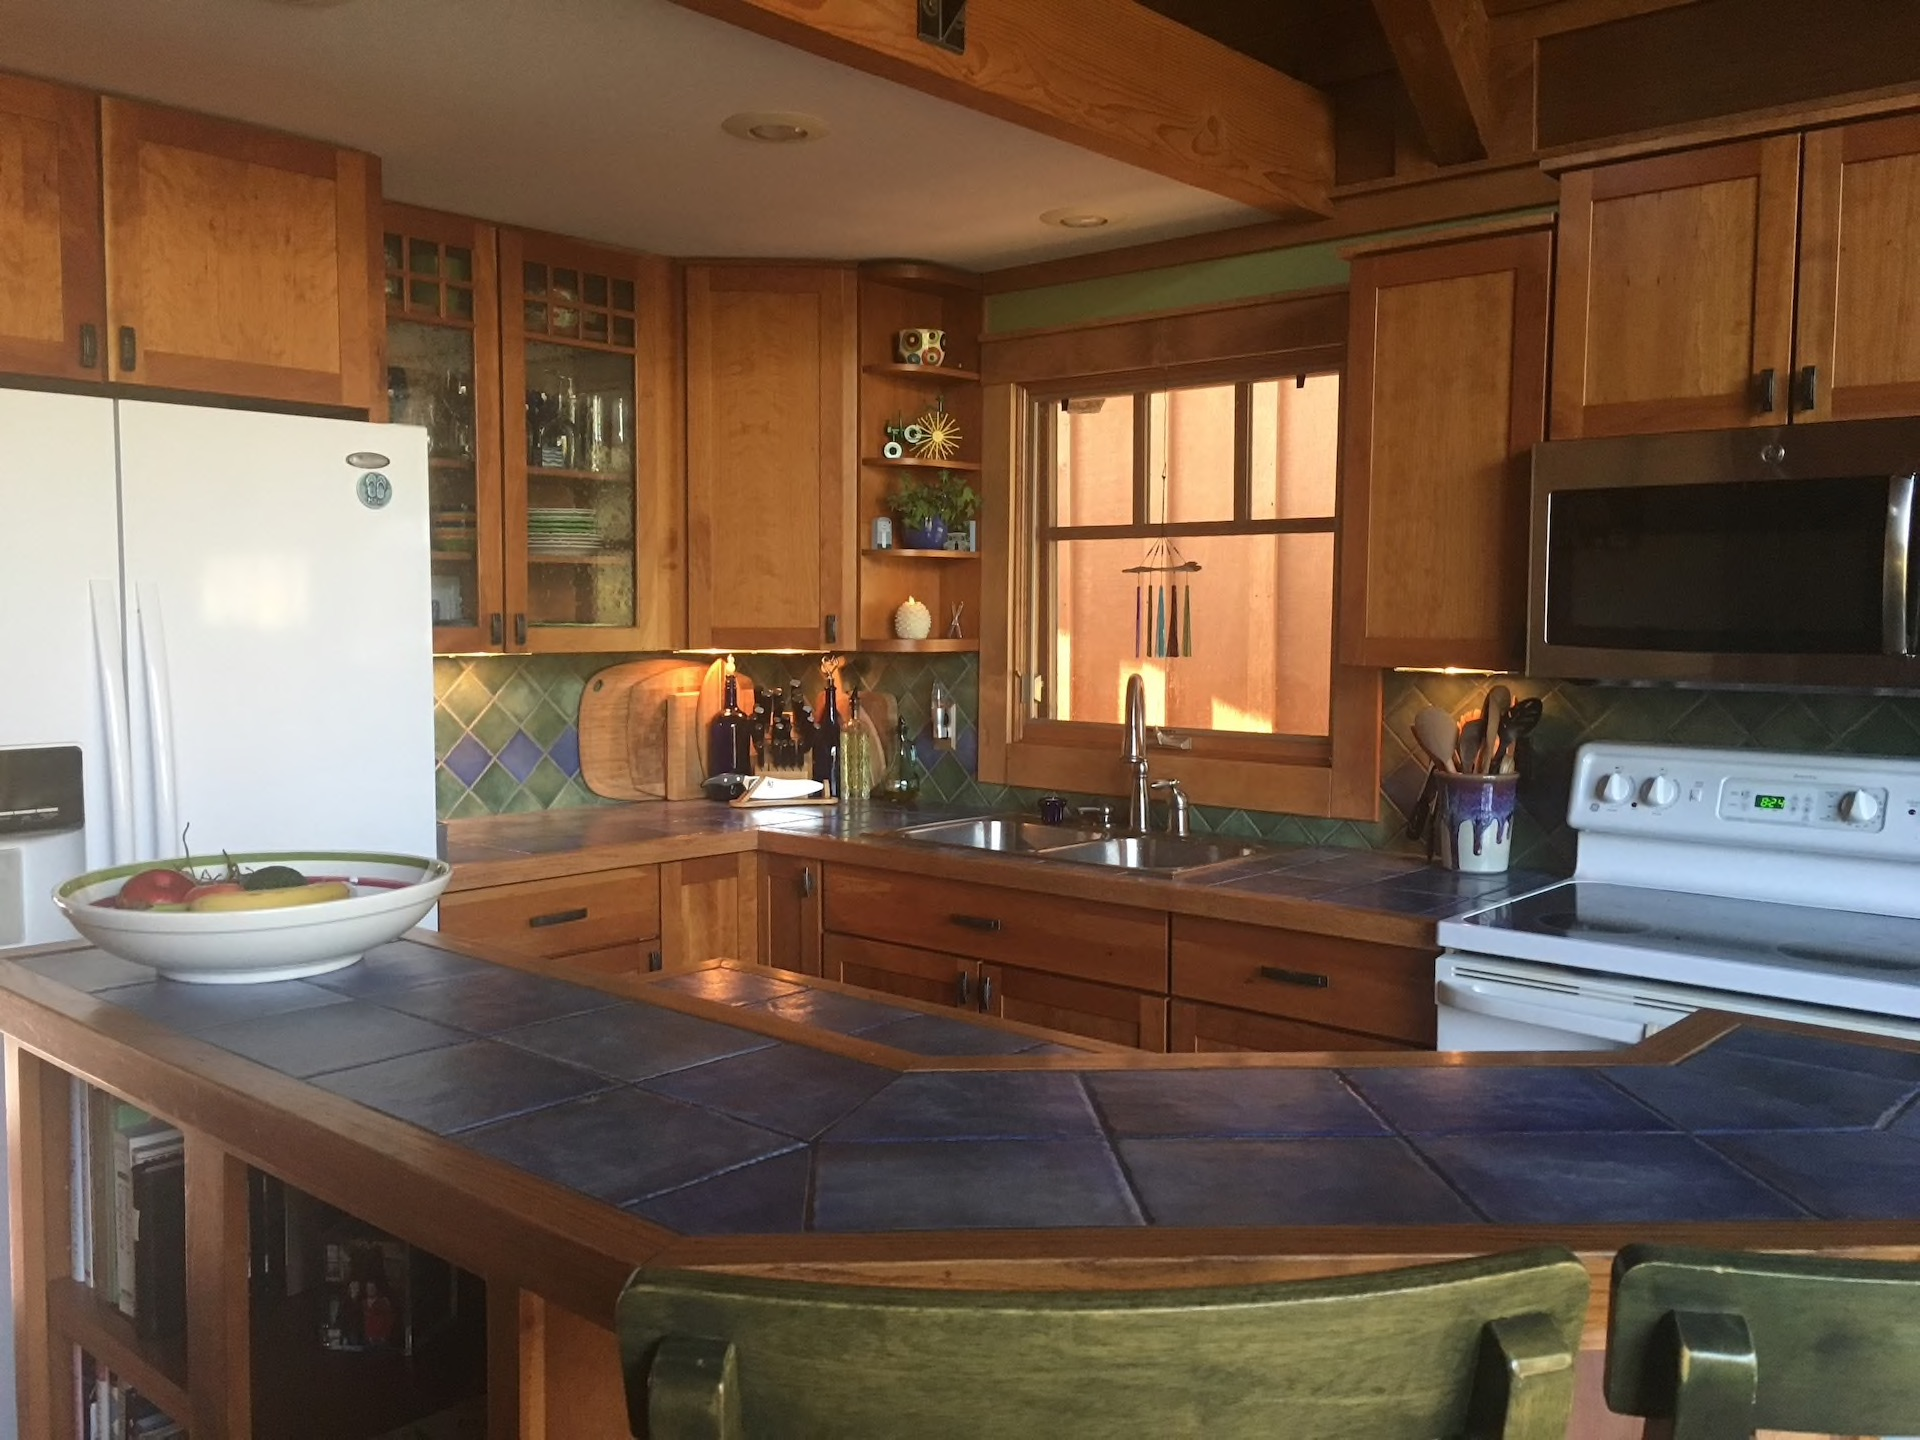 Breckenridge vacation rental kitchen